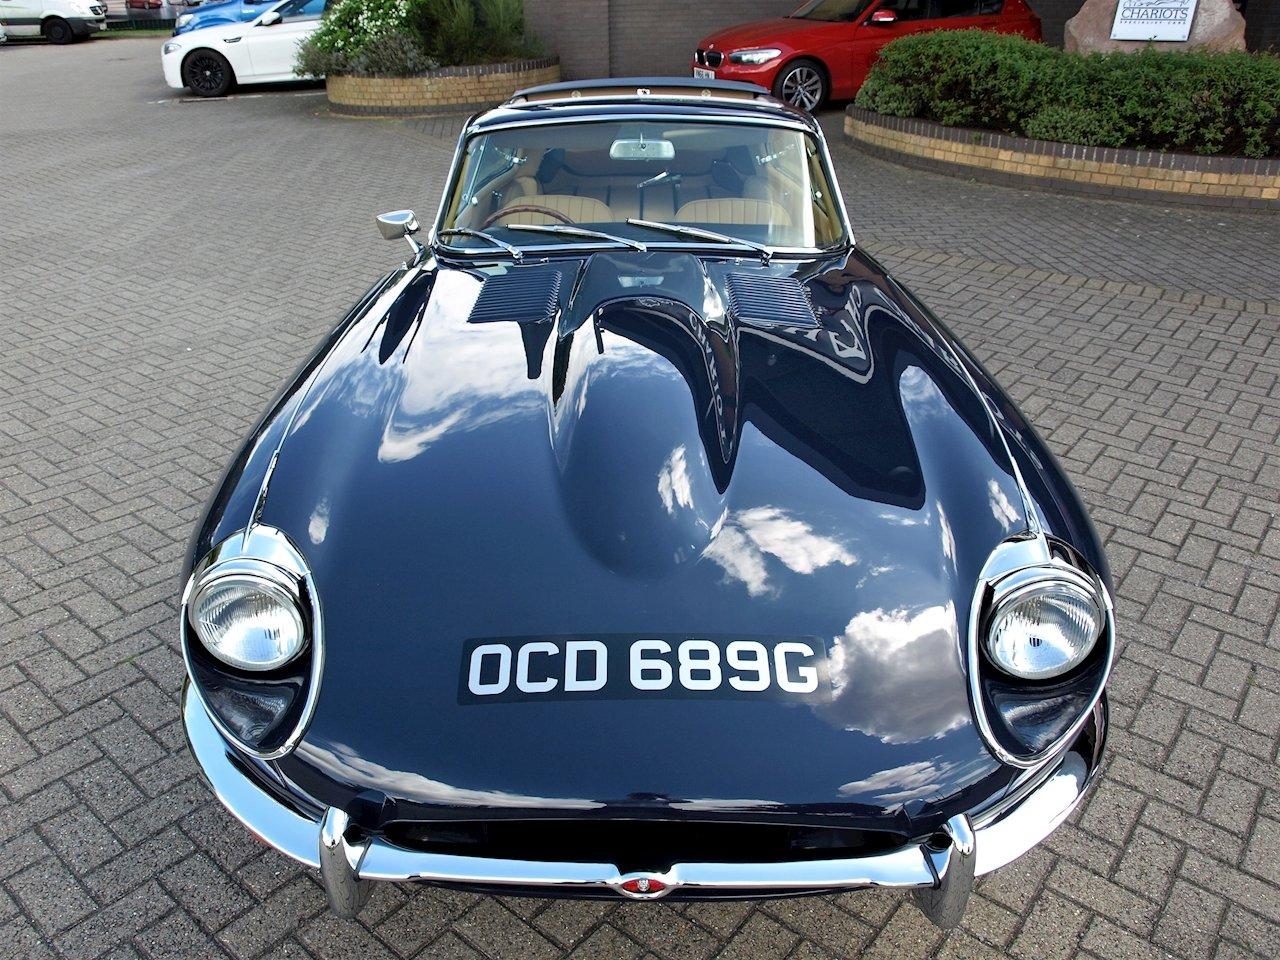 1969 Jaguar Hampton Court Concours 2019 Best Sports Car For Sale (picture 6 of 6)